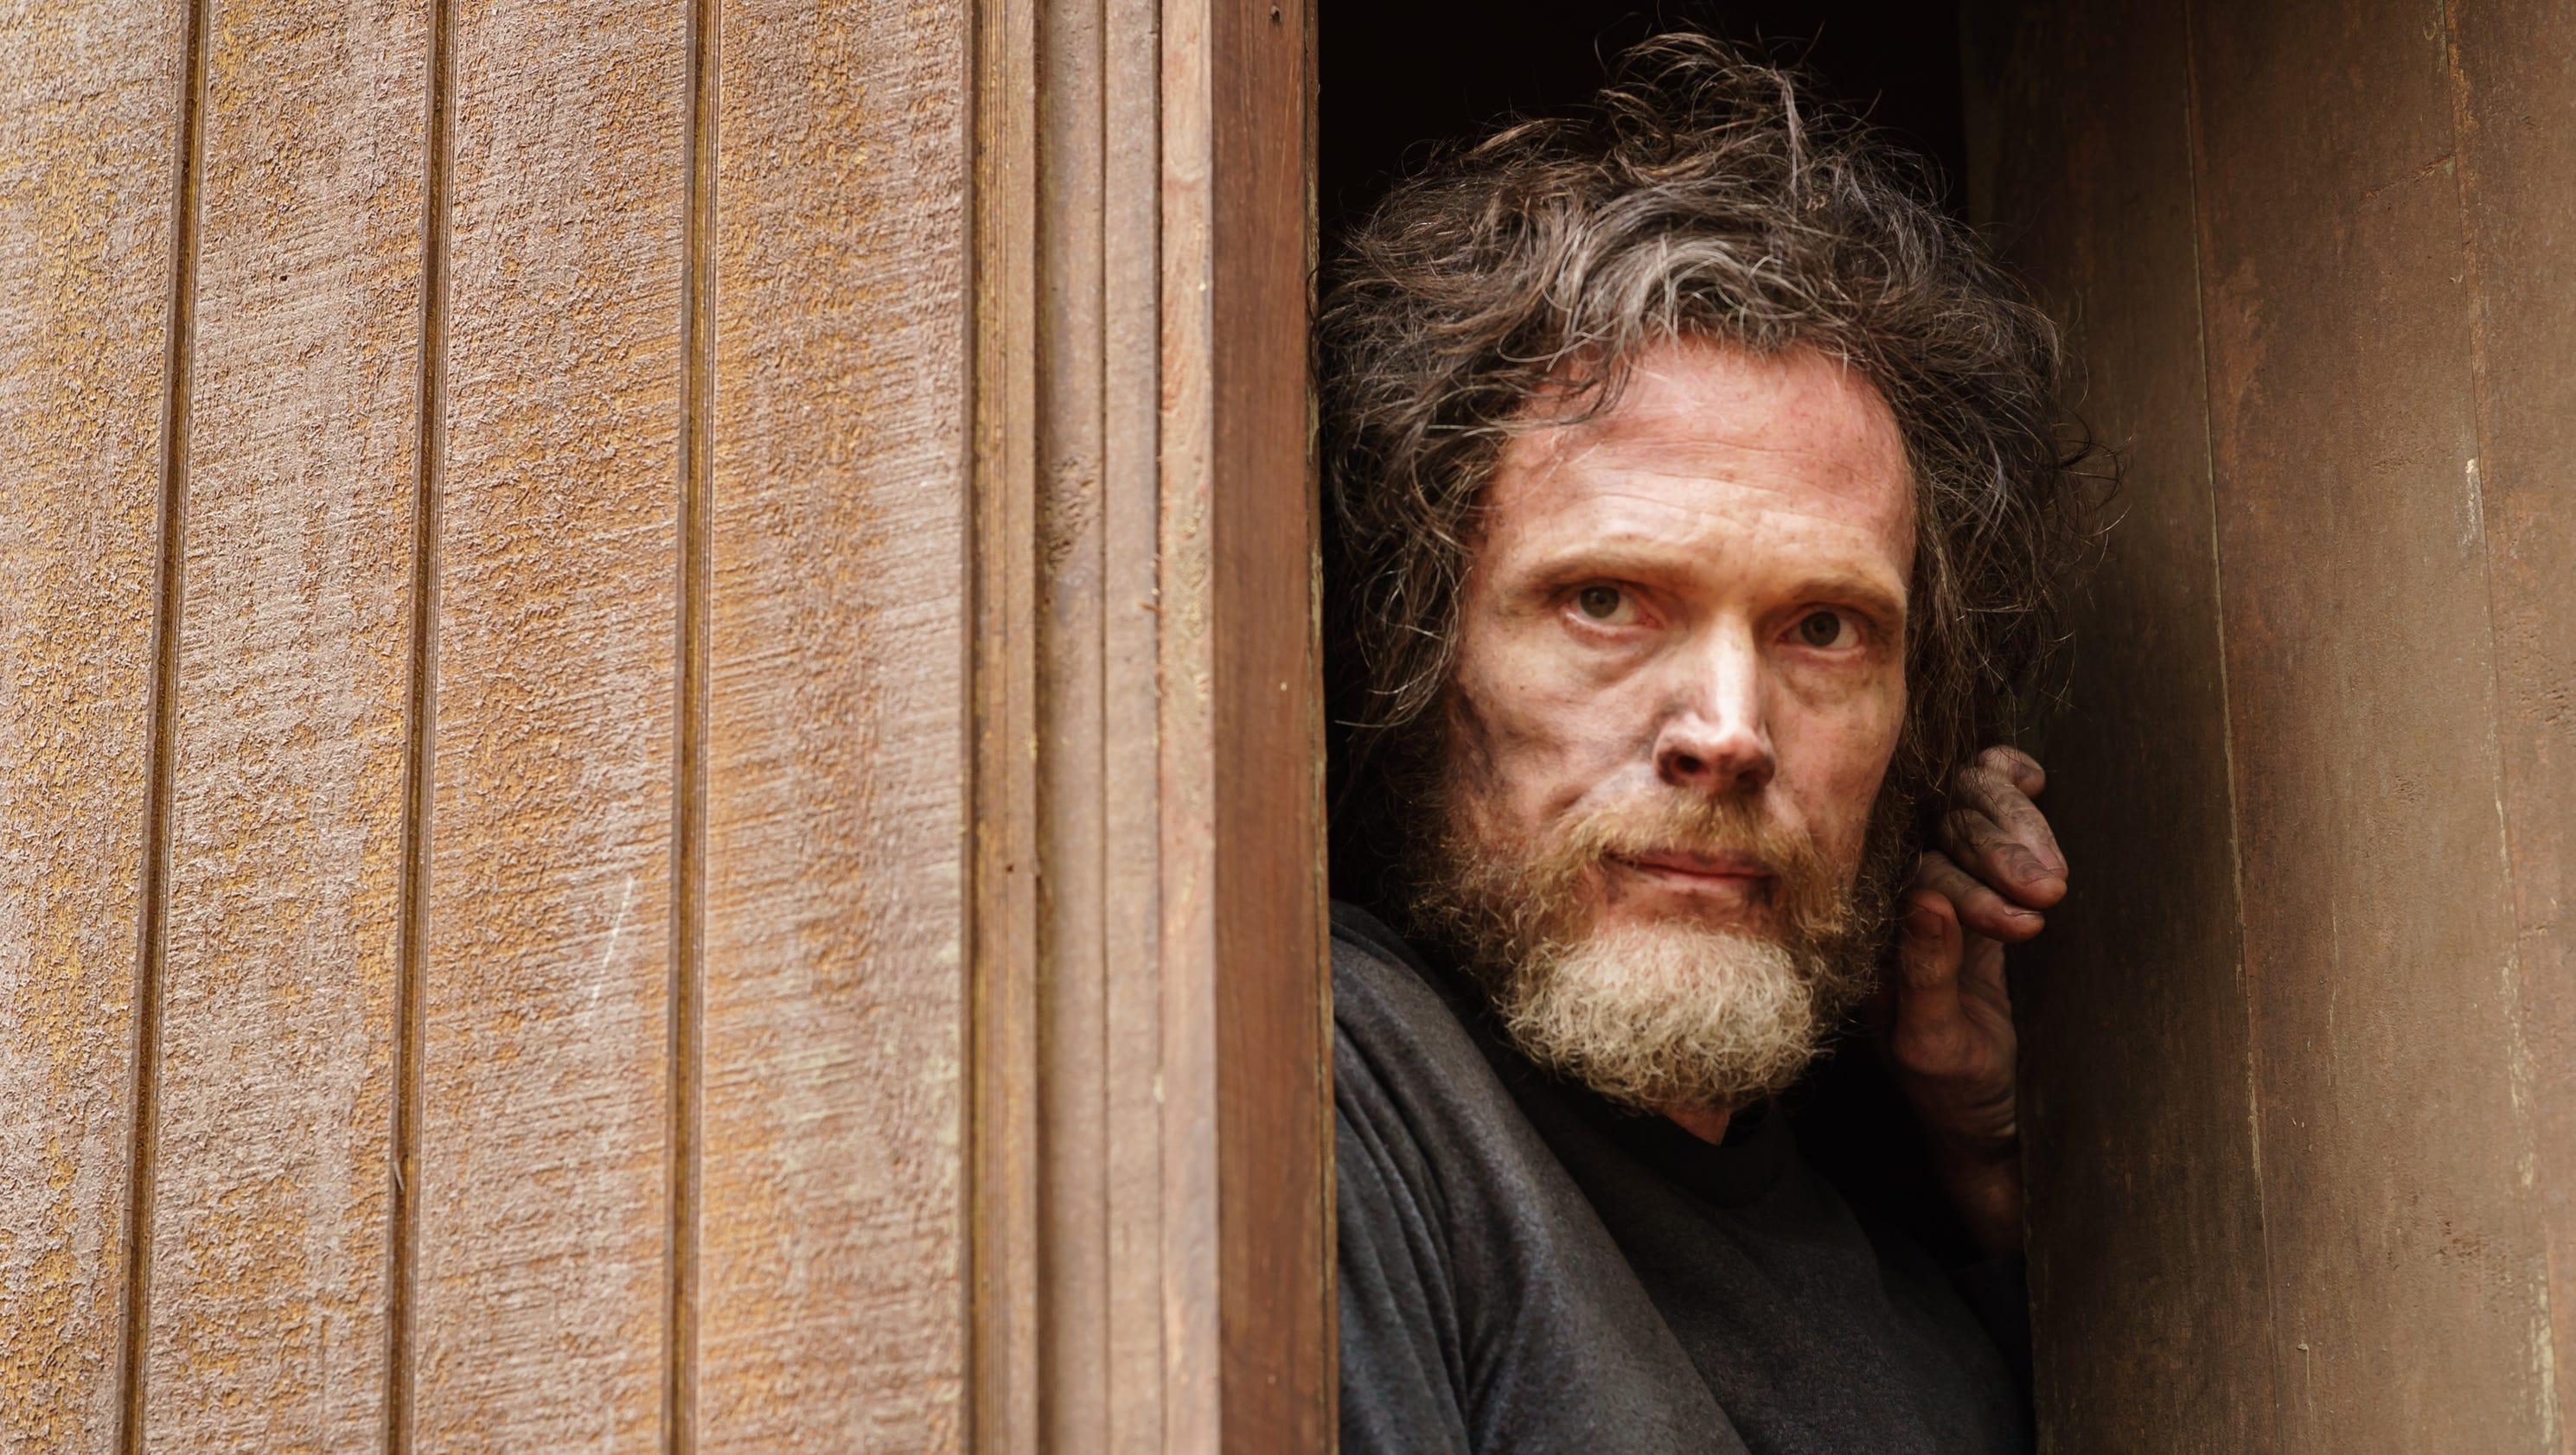 Discovery's 'Manhunt: Unabomber' tracks Ted Kaczynski Theodore Kaczynski